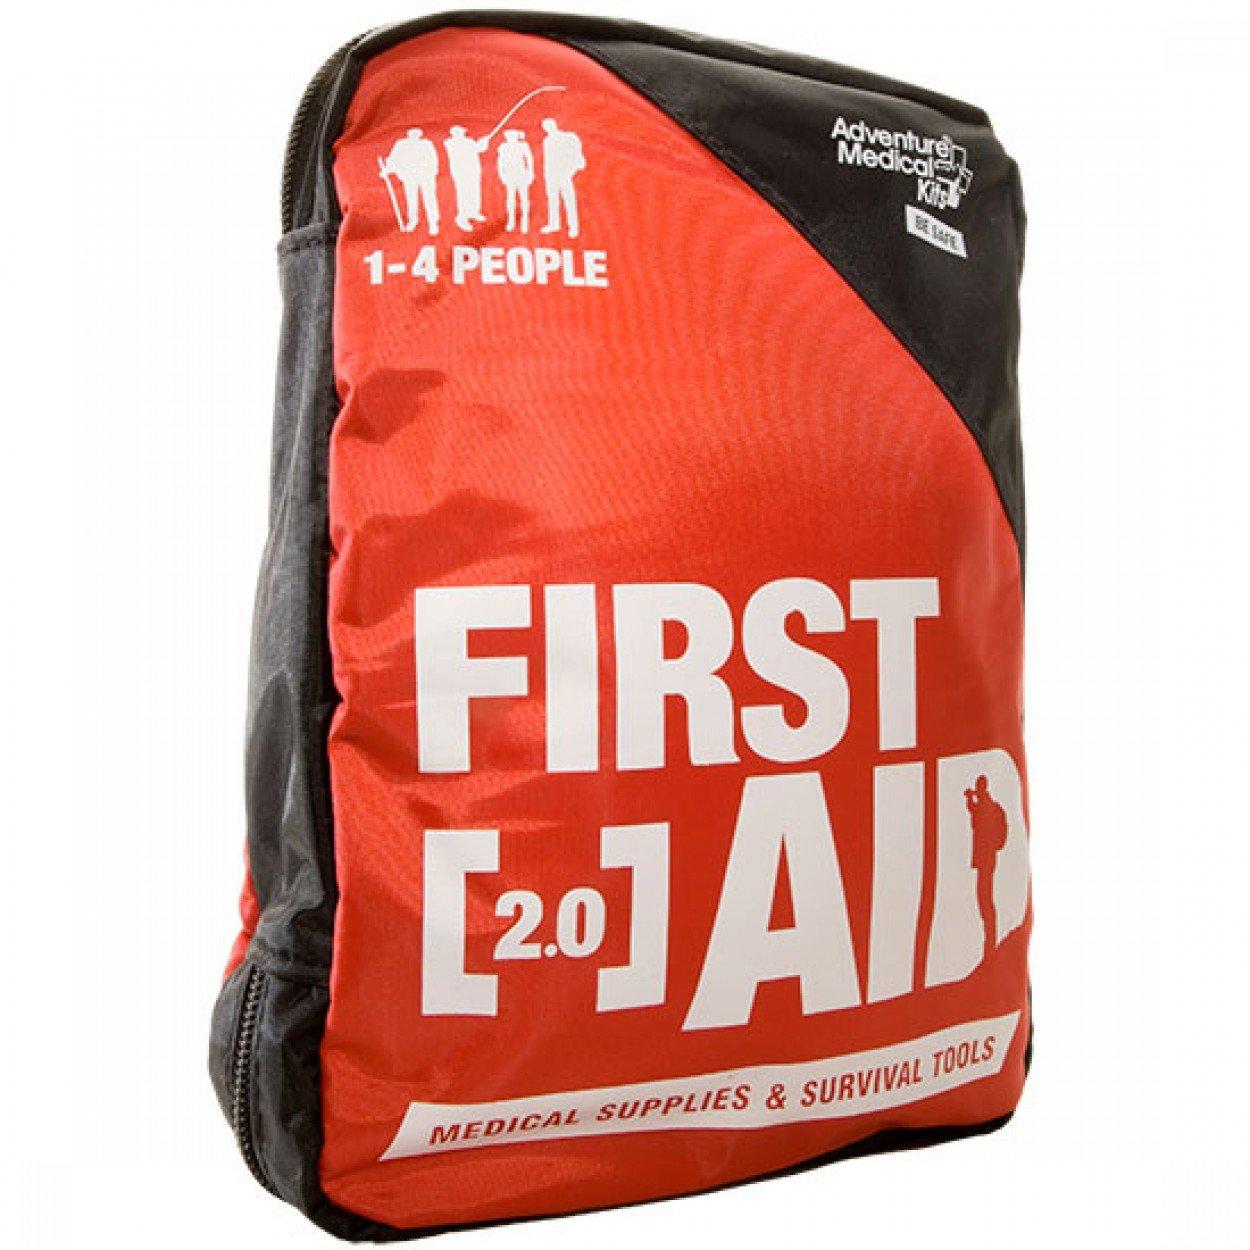 AMK Adventure First Aid 2.0